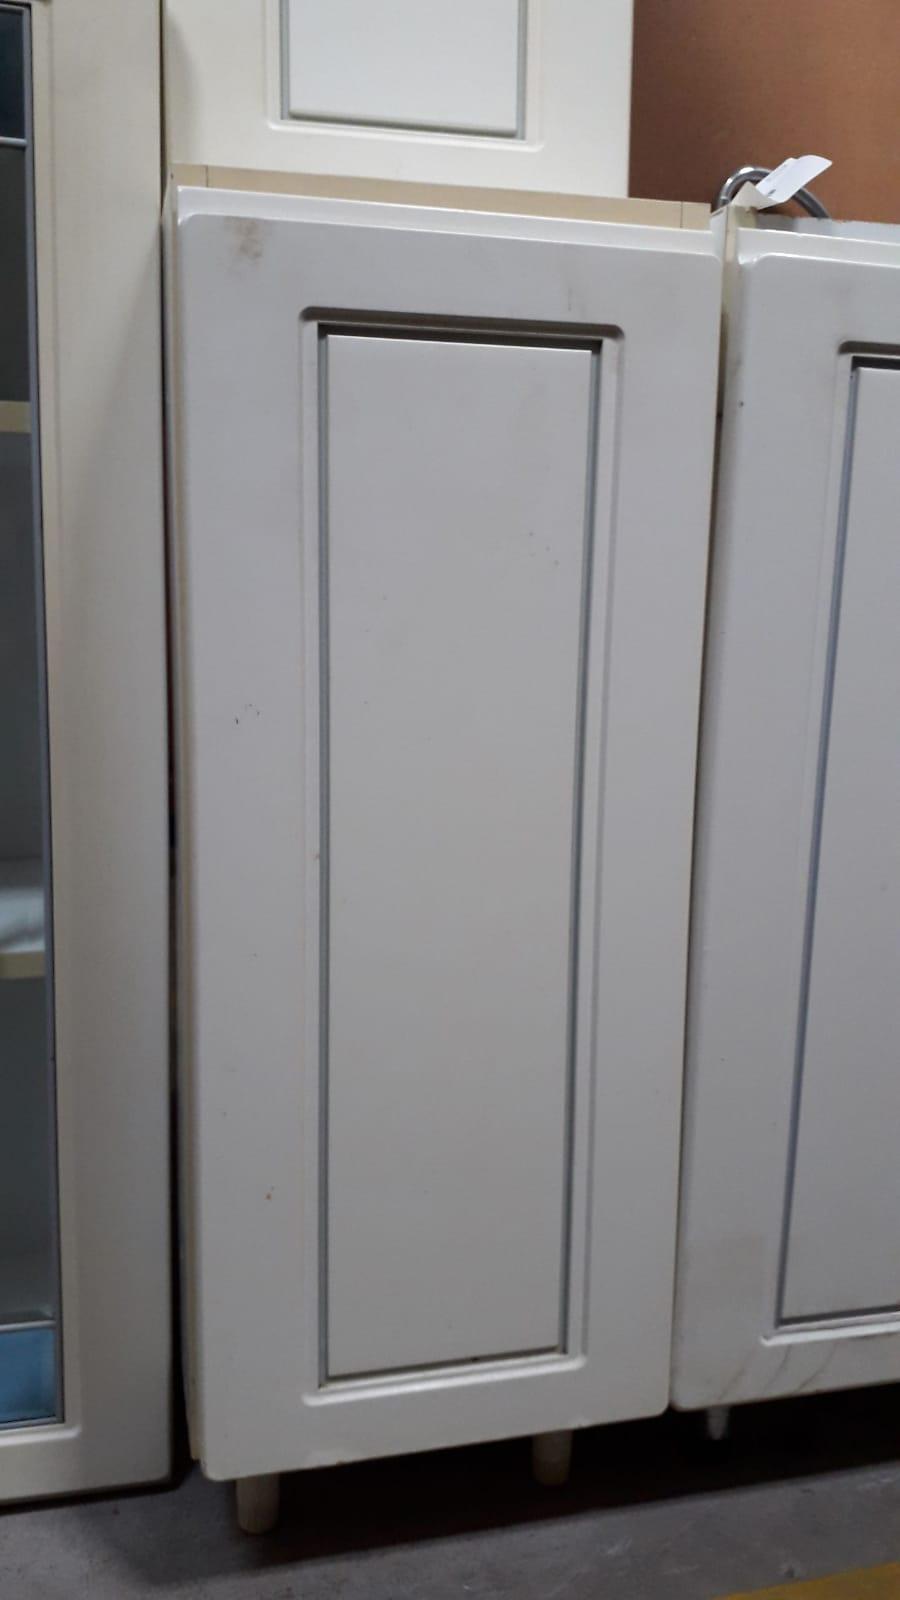 Cucina Ciliegio E Panna catanzaro base cucina 1 anta colore panna (l cm 30 x p cm 60